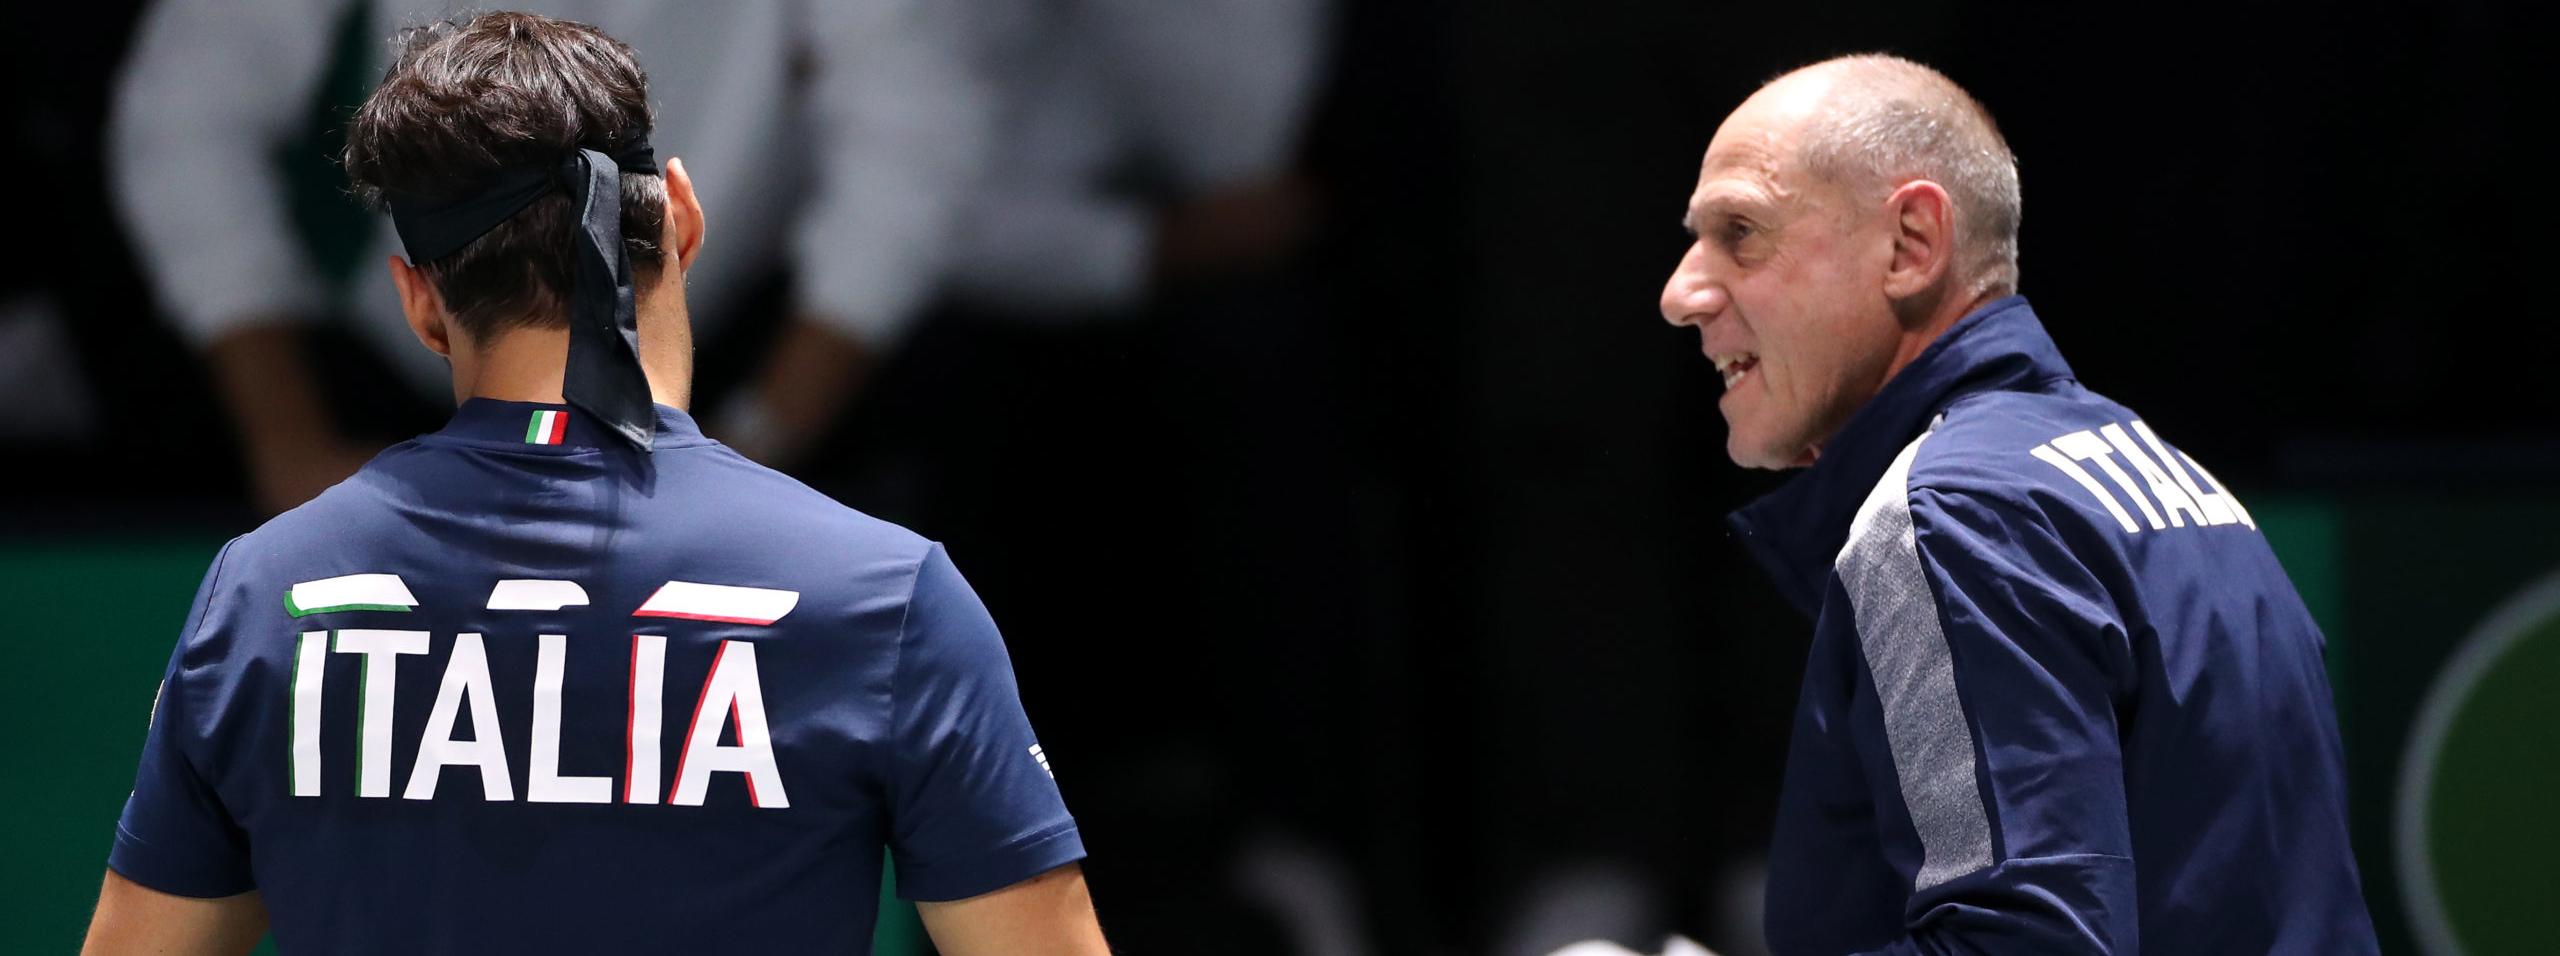 Coppa Davis 2019 - Italia, serve una vittoria. Possibilmente per 3-0